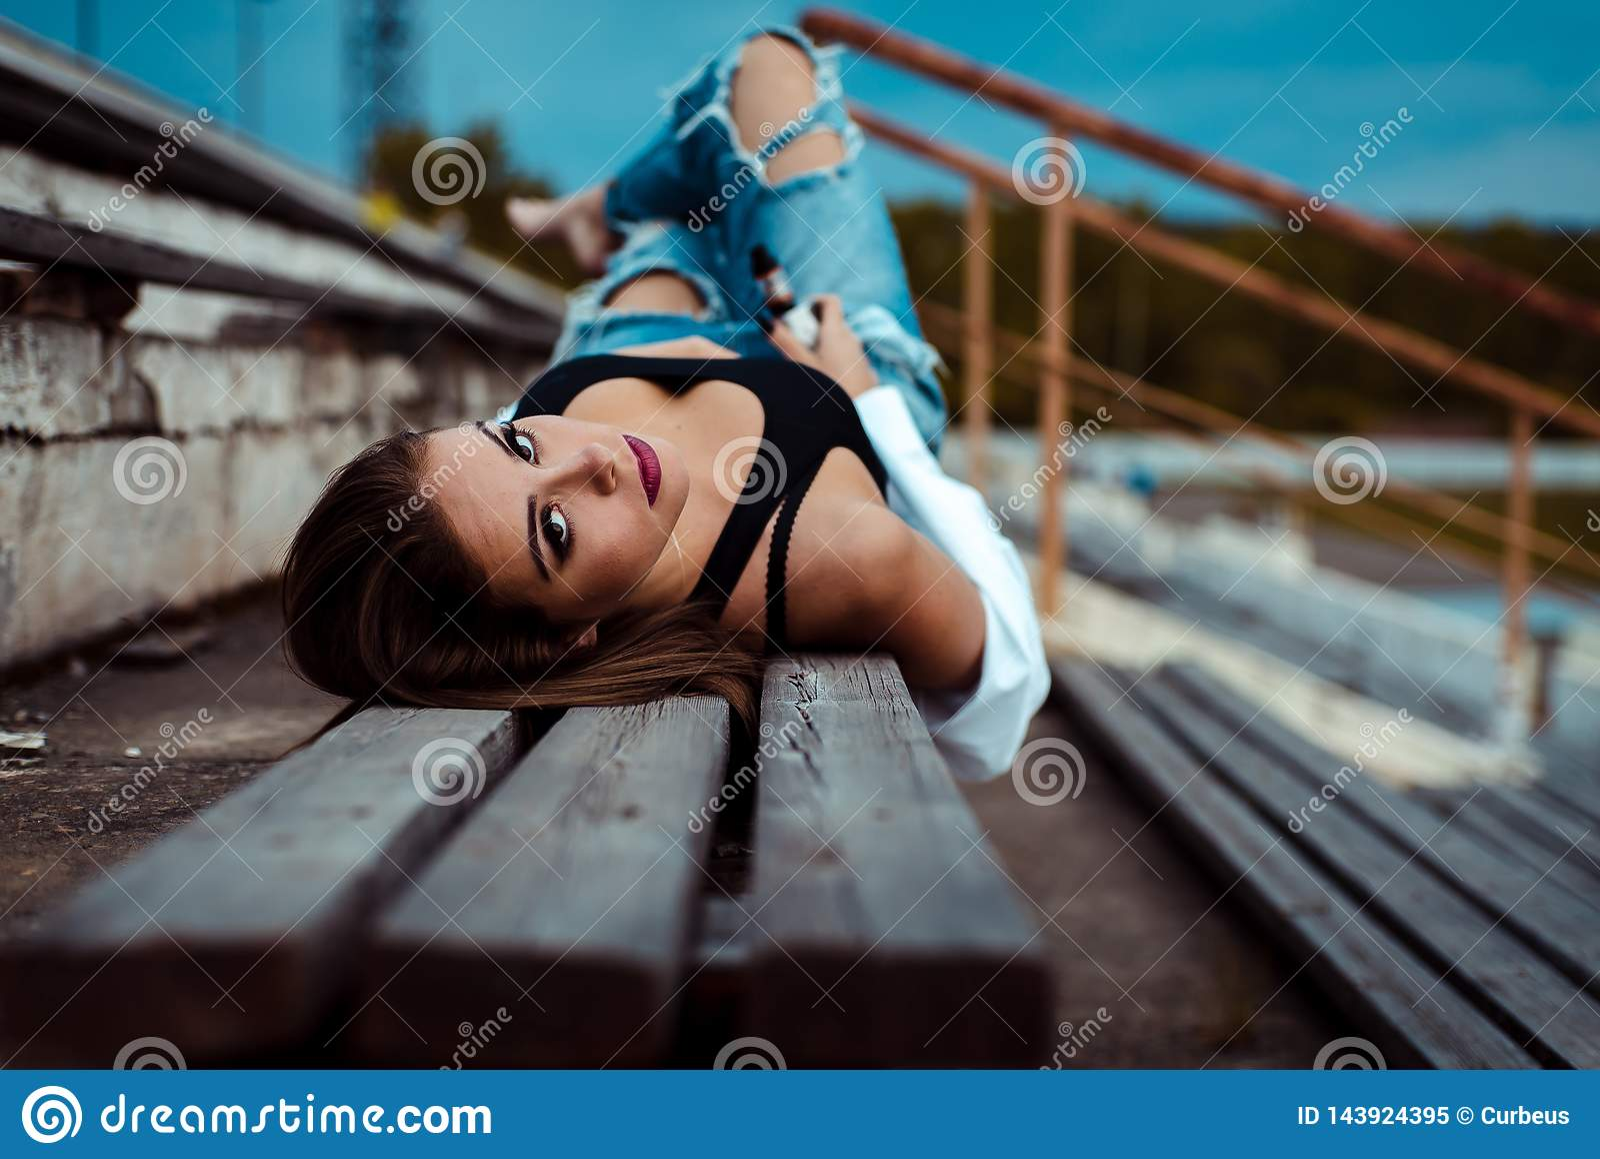 Junge sexy Frau liegt auf einer Holzbank Sie macht Pause nach Training in der Turnhalle outdoor